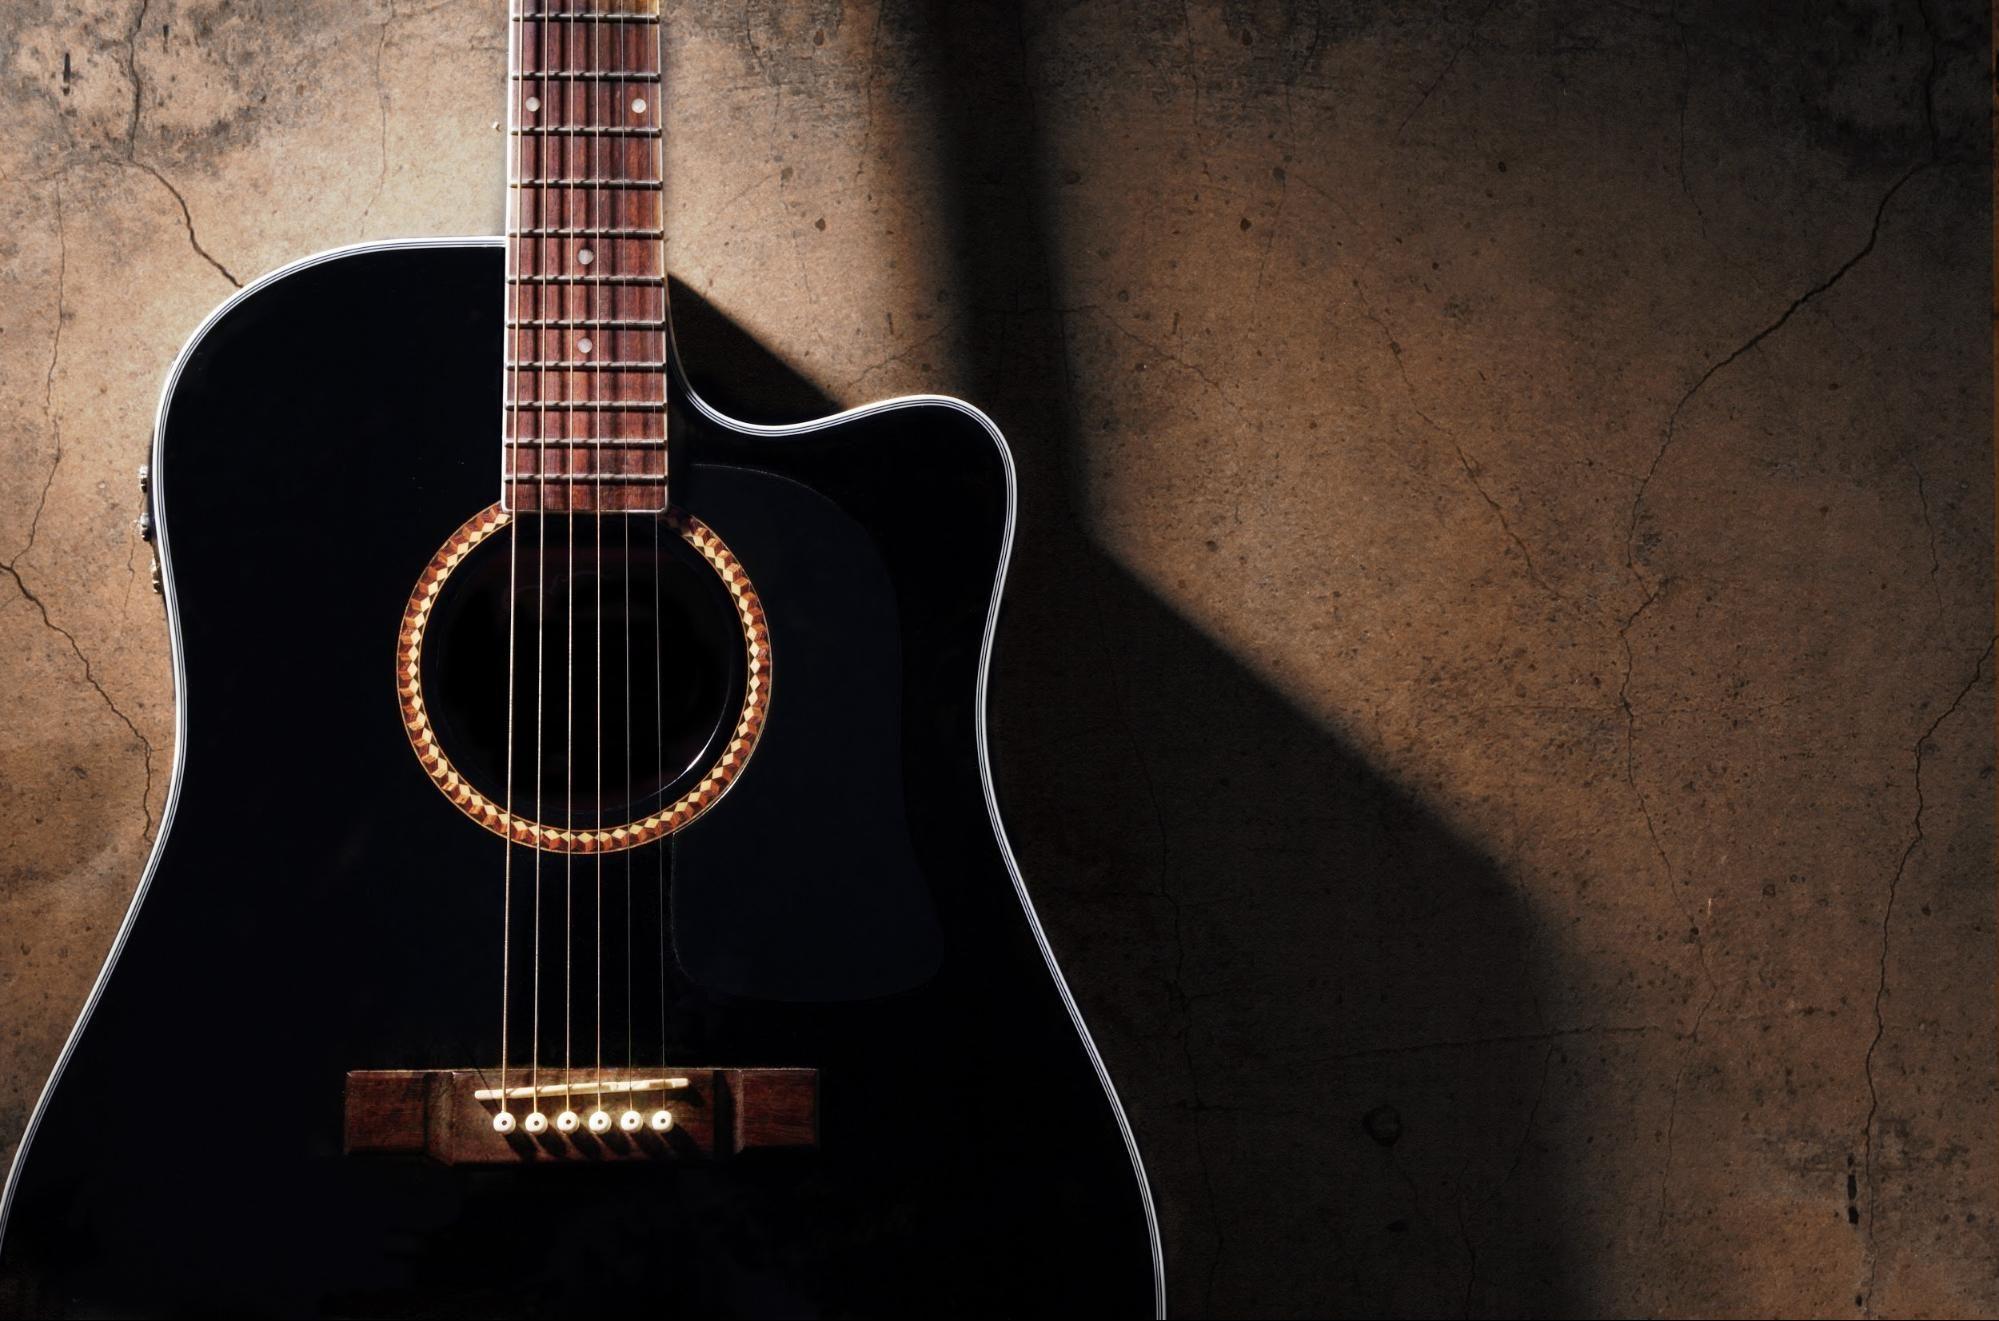 Pelajari Cara Bermain Gitar: Panduan Pemula untuk Kord dan Jenis Guitar